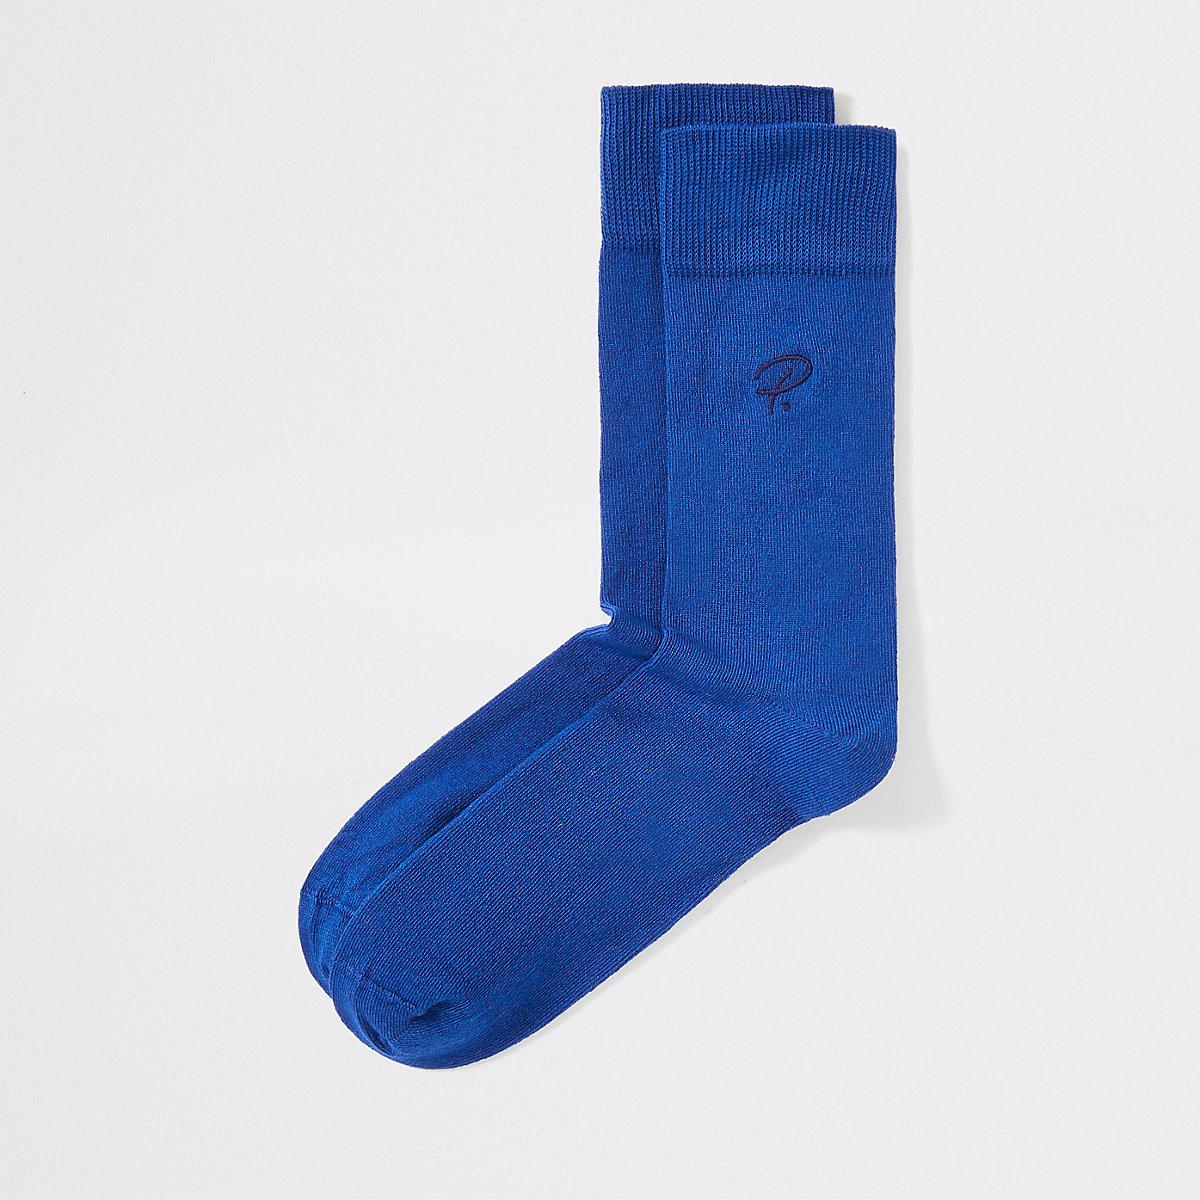 Blue 'Prolific' socks